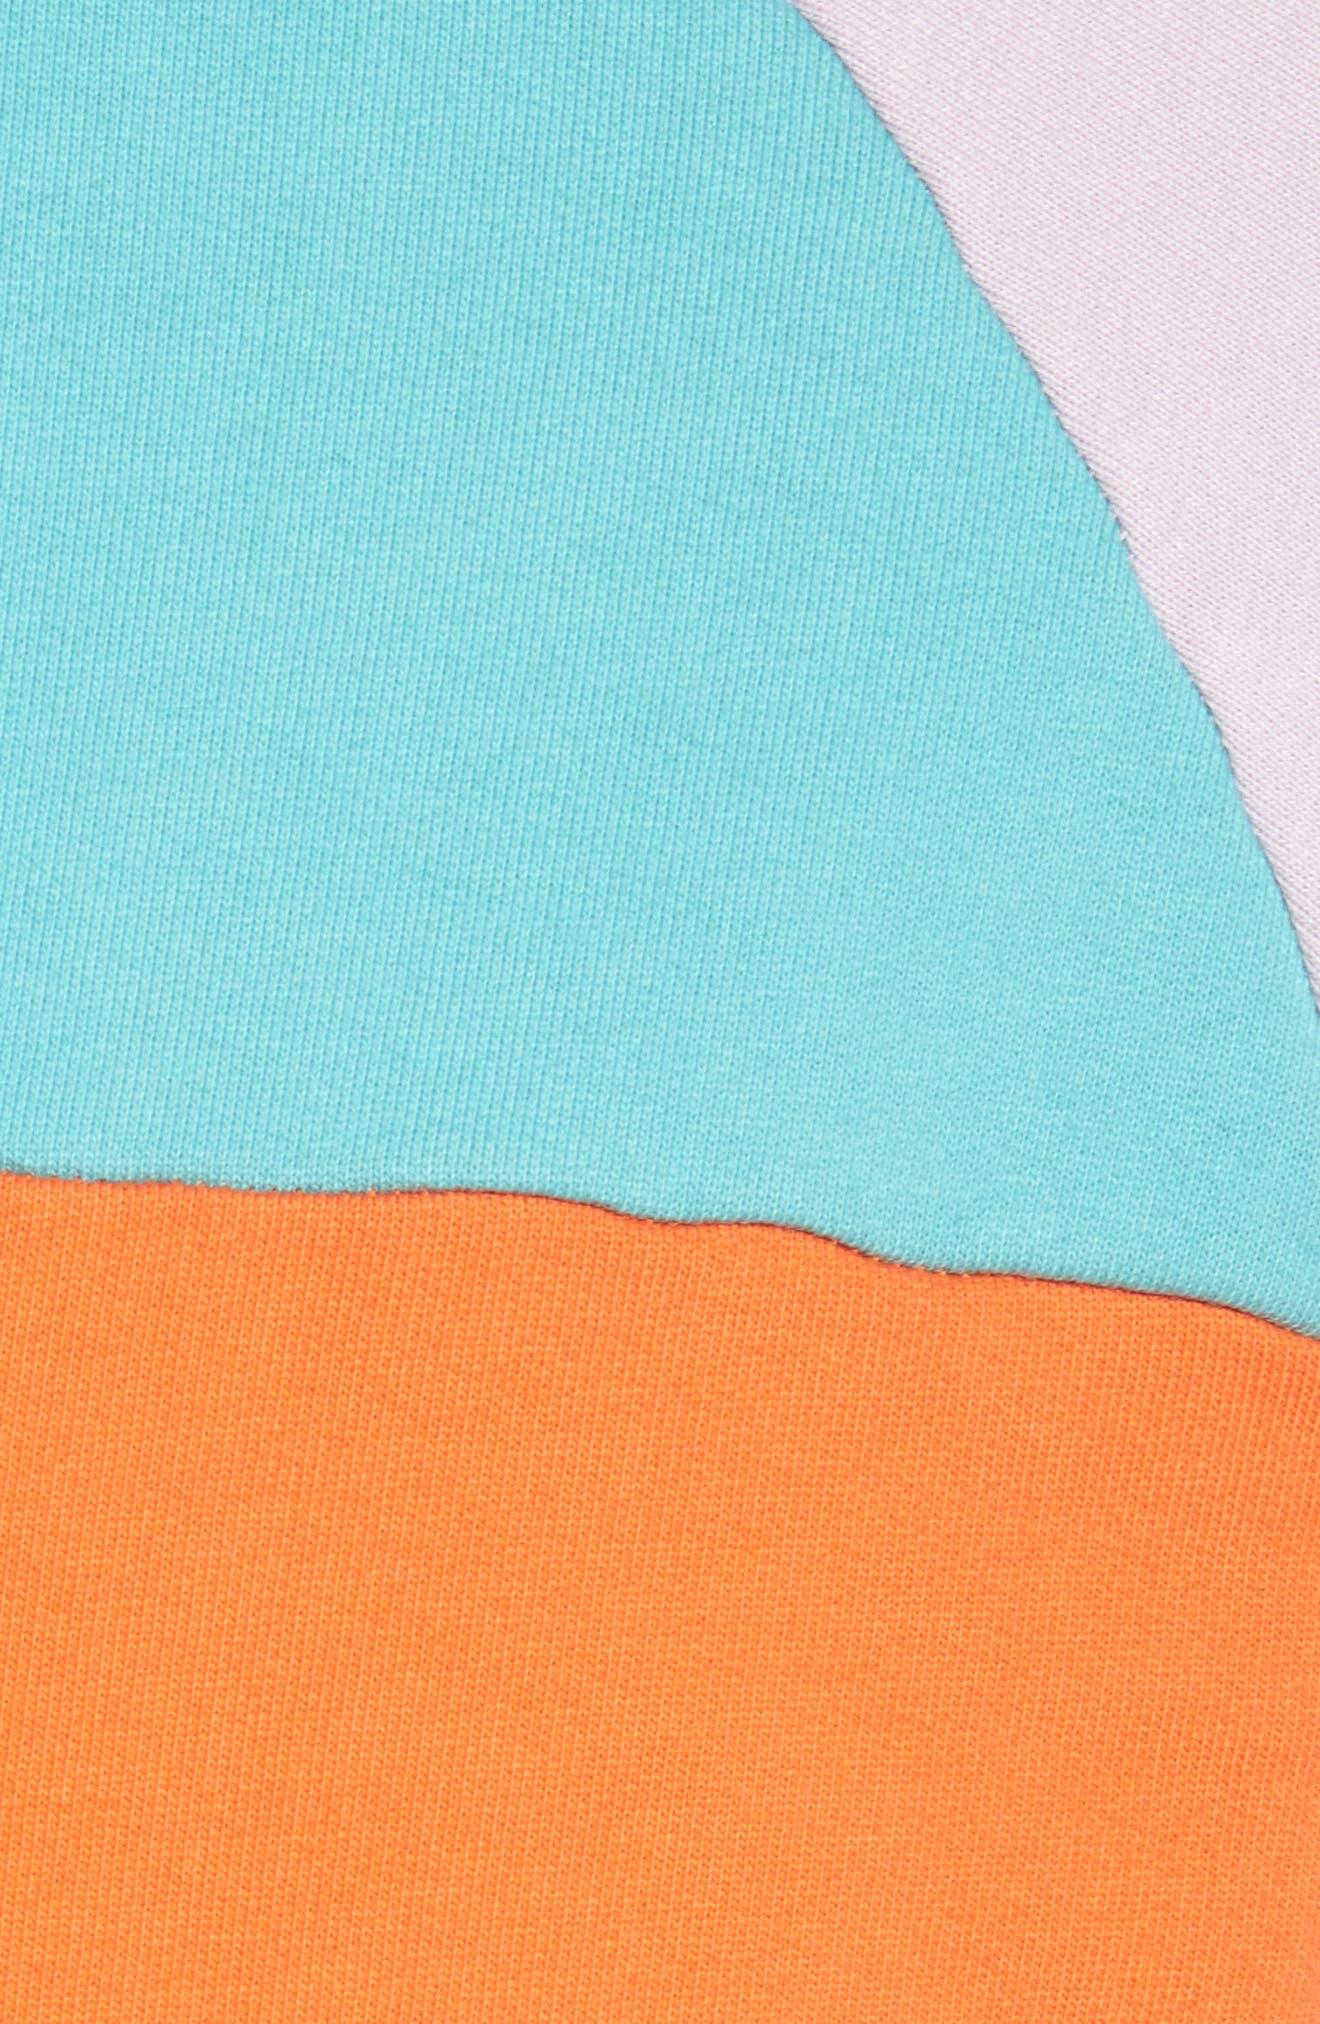 Summer Colorblock Hoodie Sweatshirt,                             Alternate thumbnail 5, color,                             100